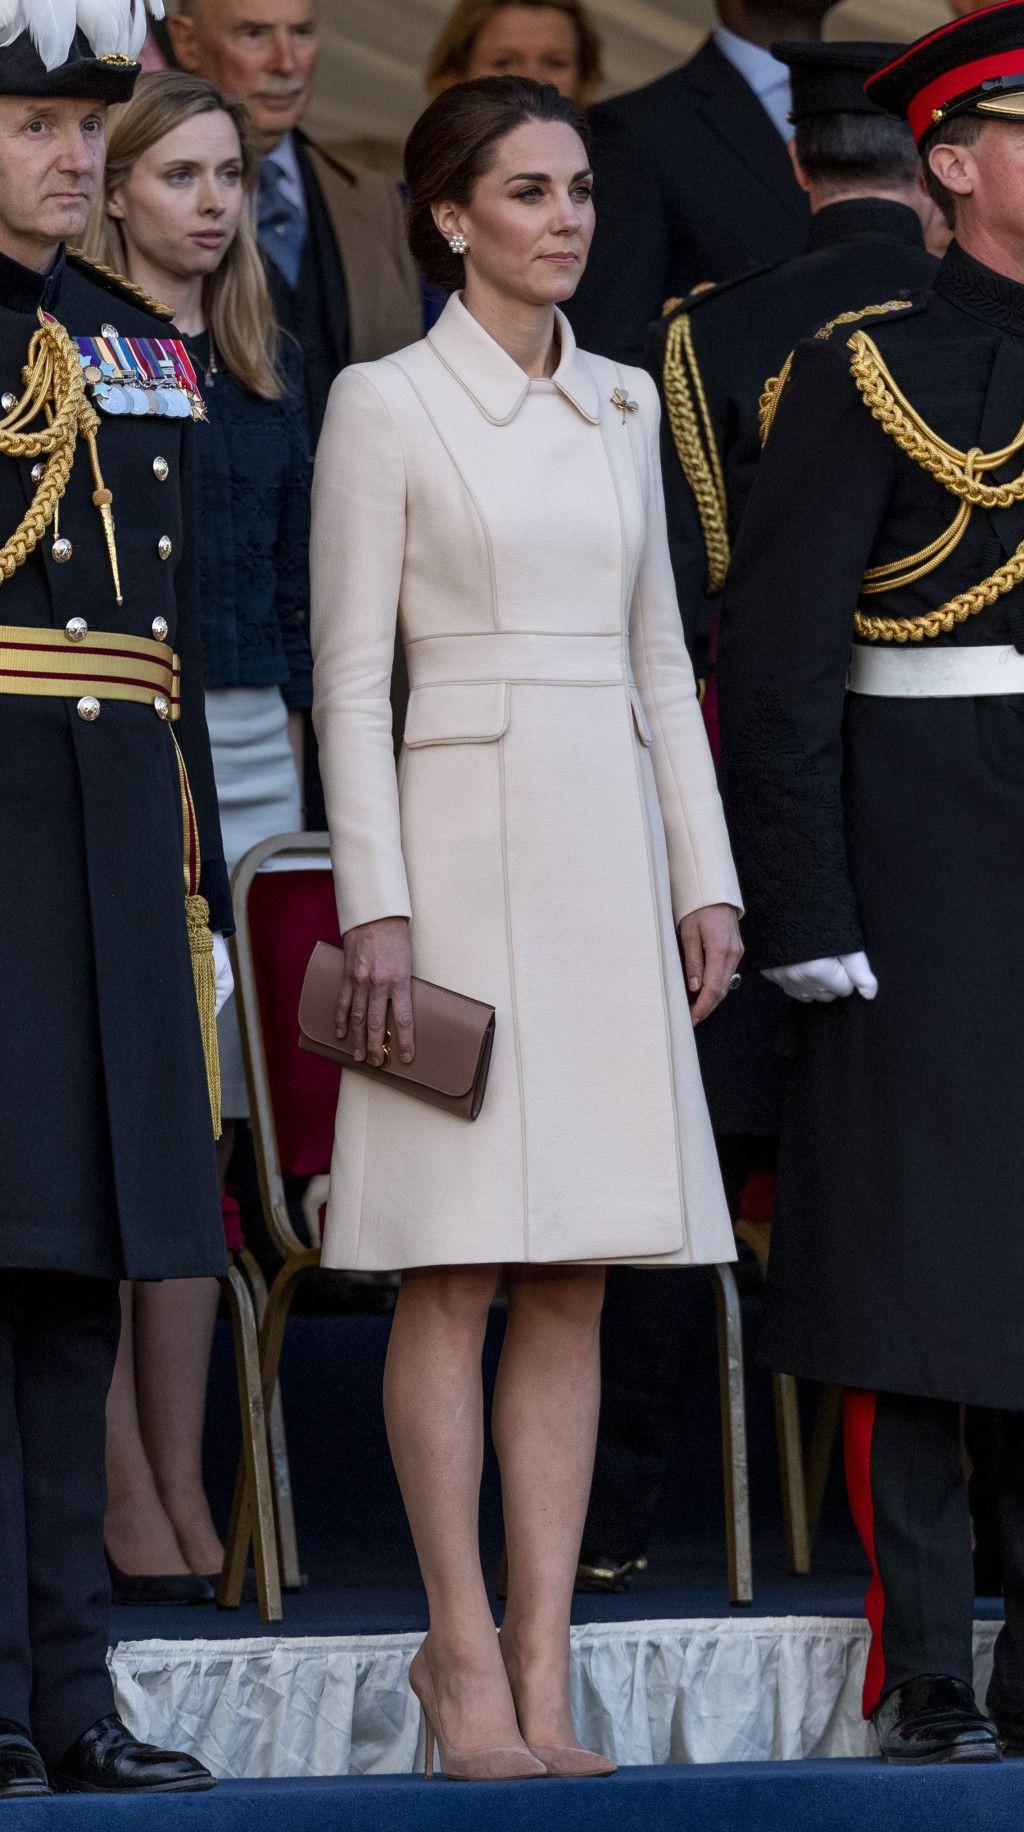 kate middleton look rainha looks kate middleton princesa kate middleton roupas de kate middleton pinterest